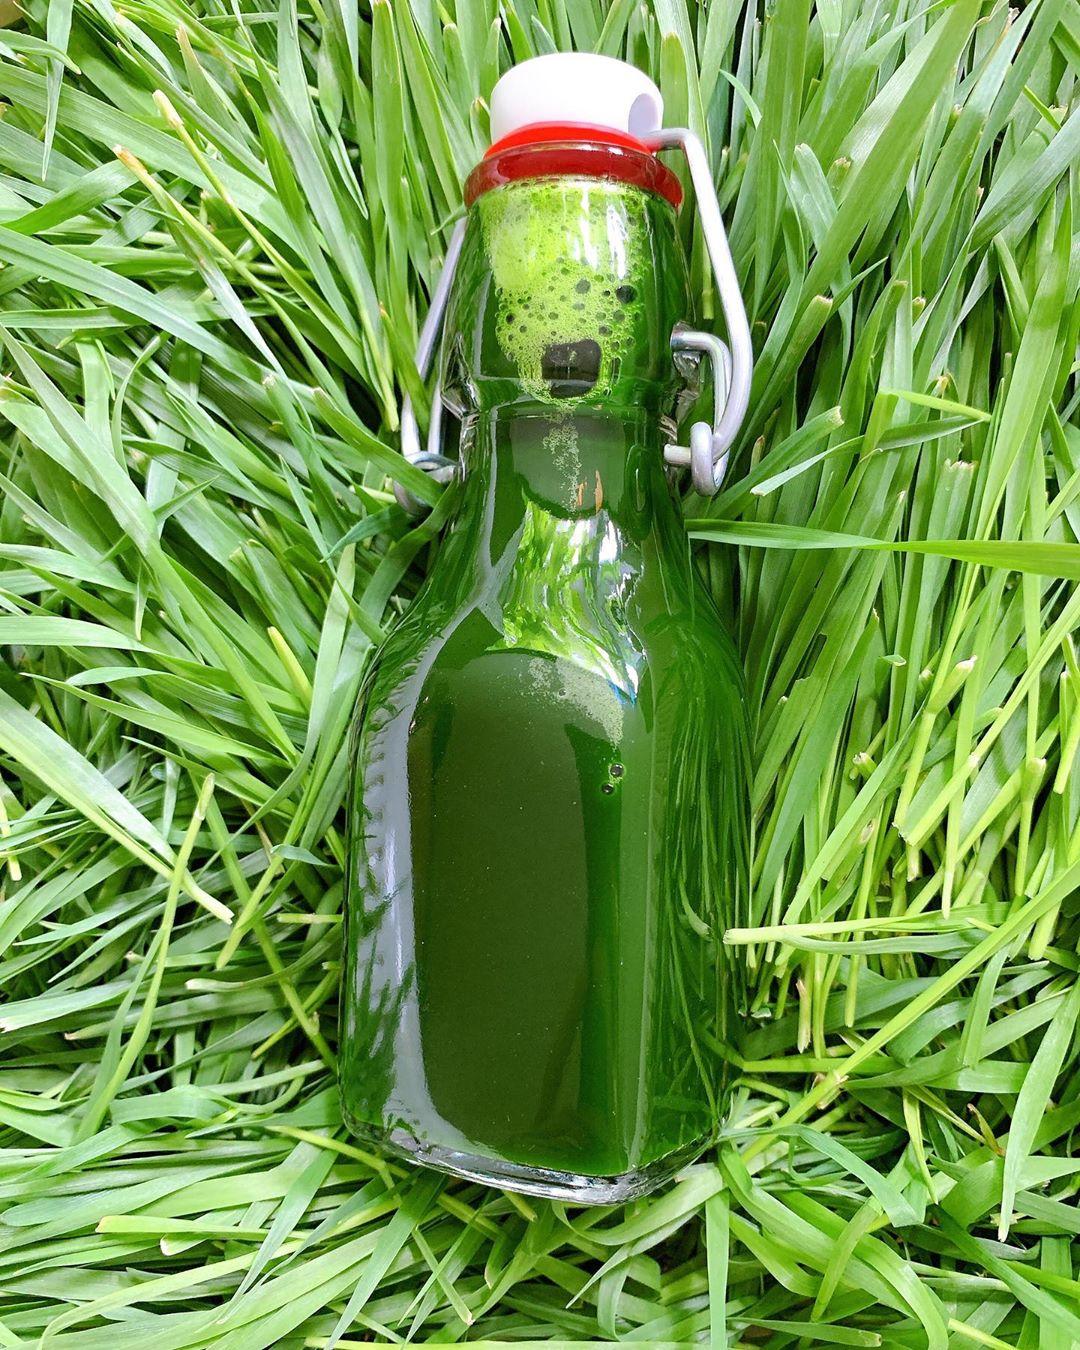 Nước ép cỏ lúa mì có tác dụng ngăn ngừa lão hóa, thnah lọc cơ thể, có lợi cho vóc dáng, làn da.